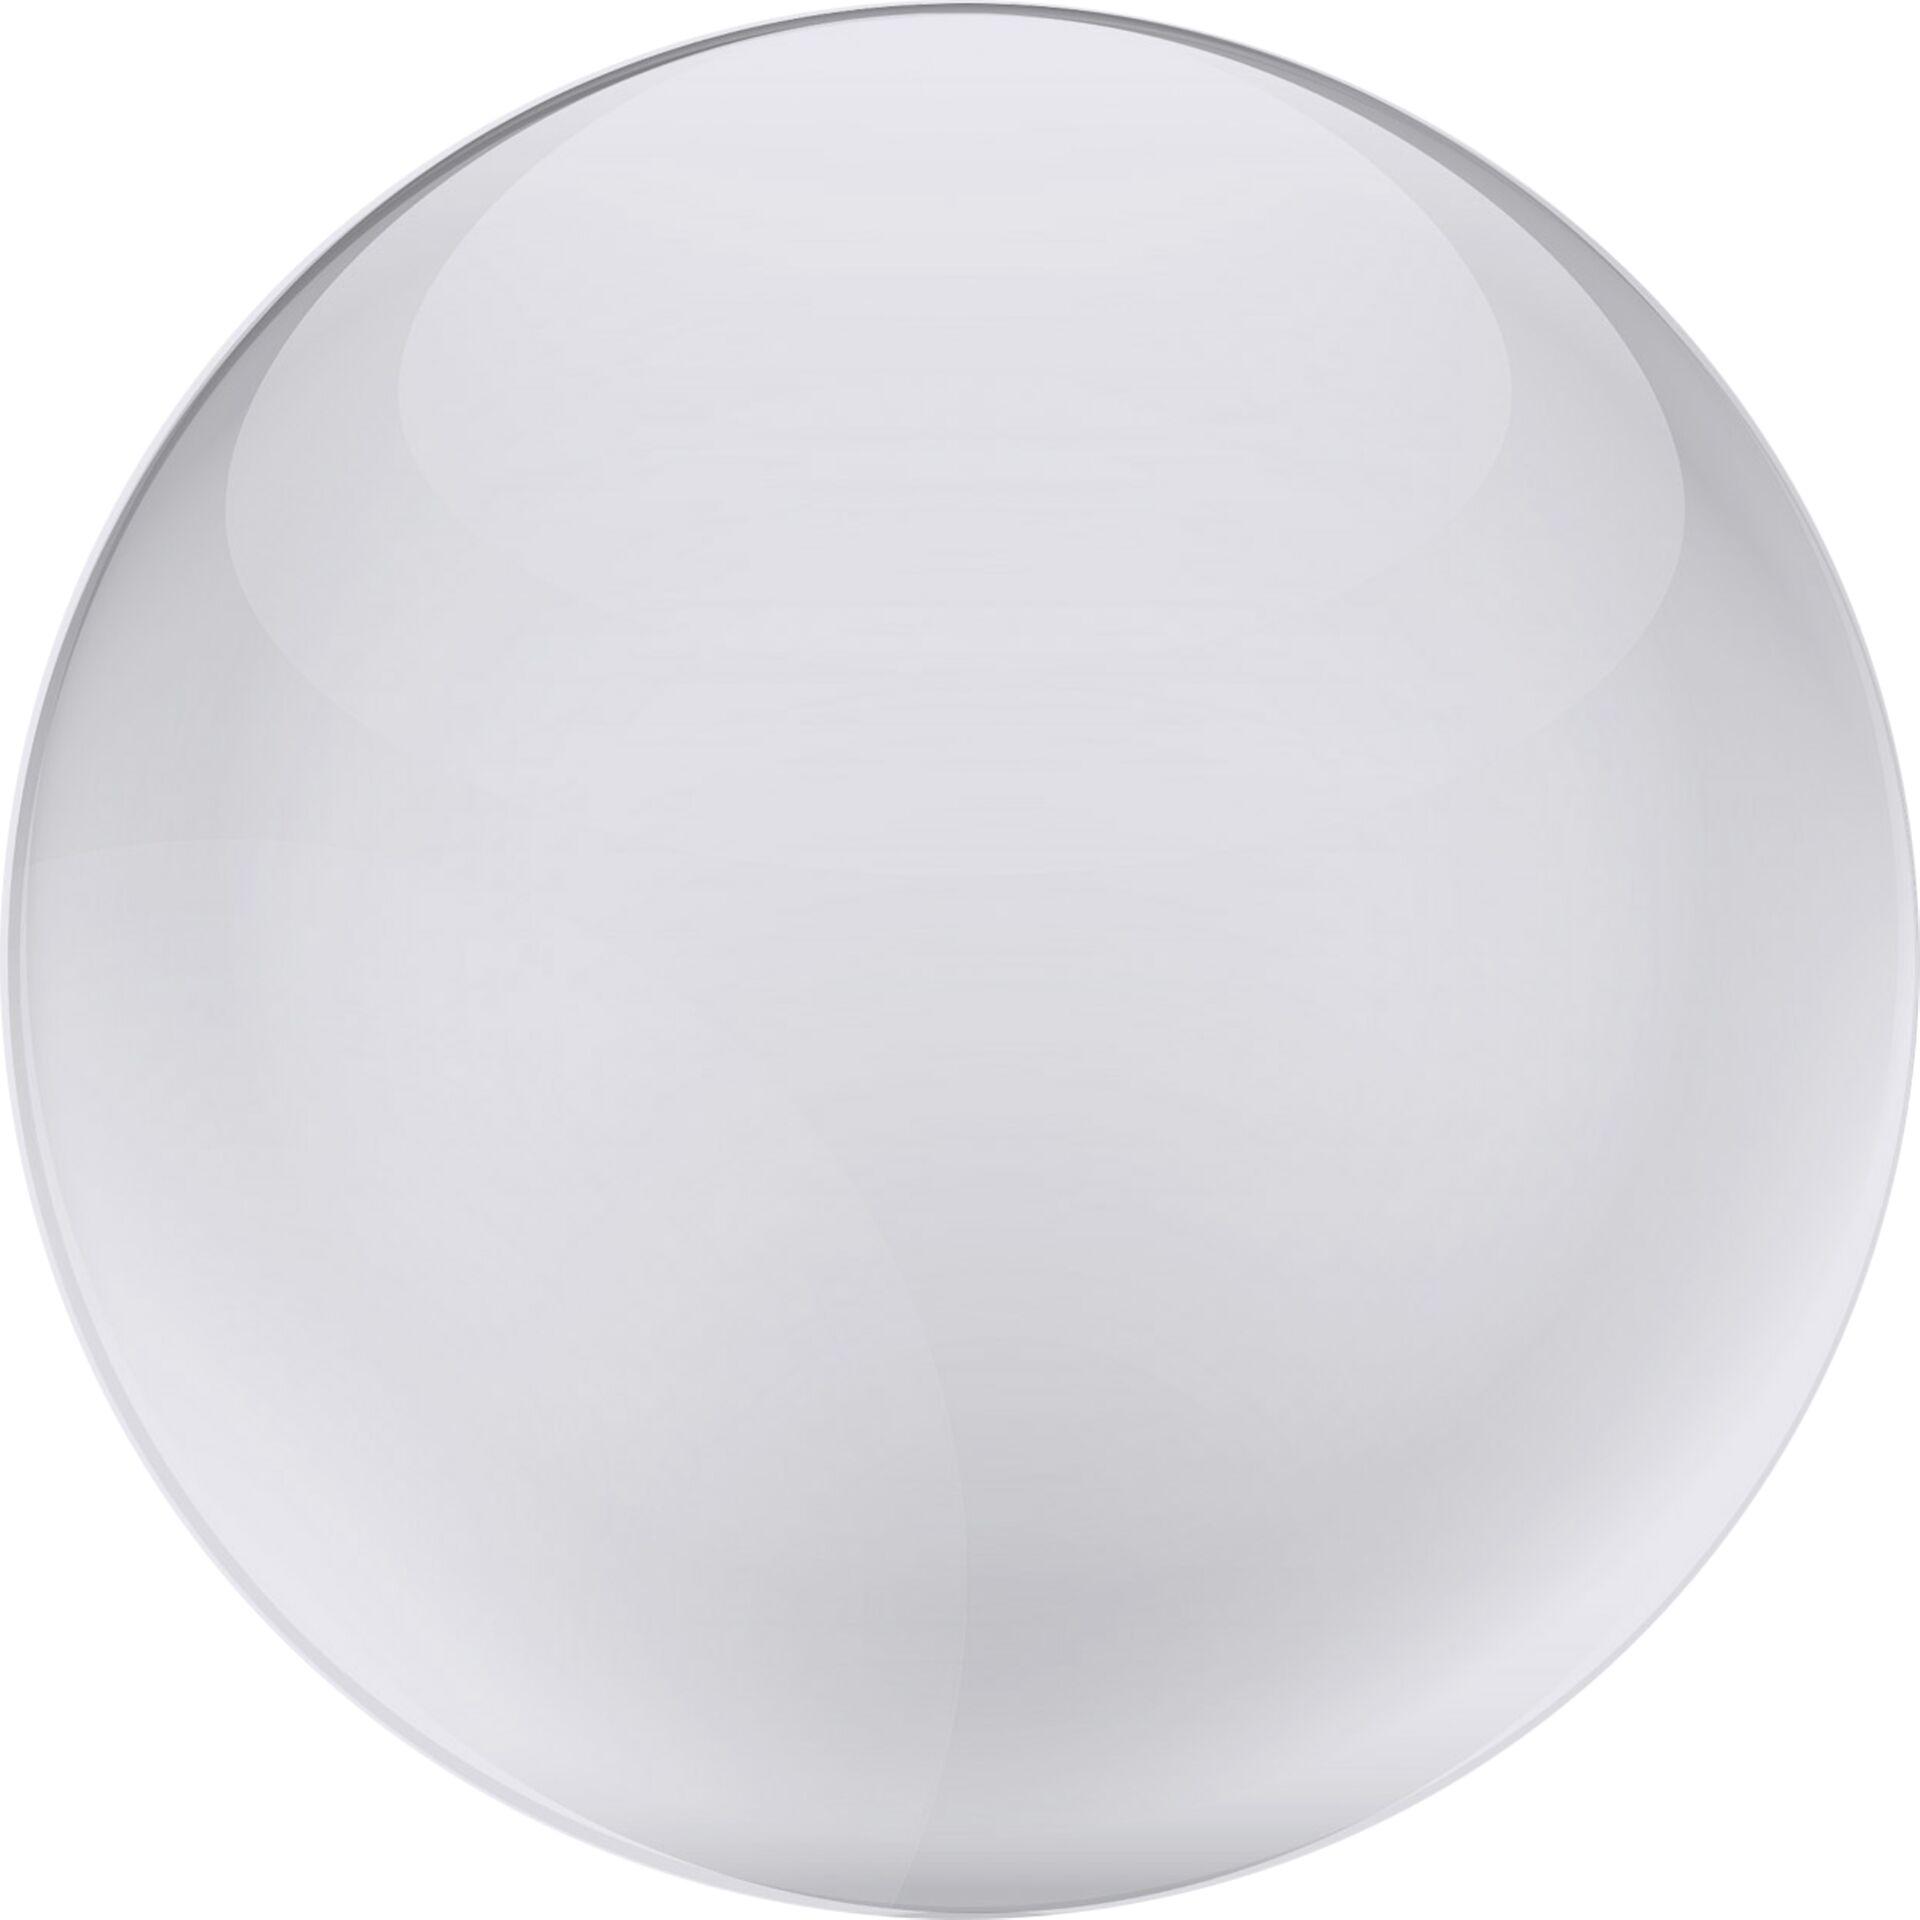 Rollei Lensball 60mm